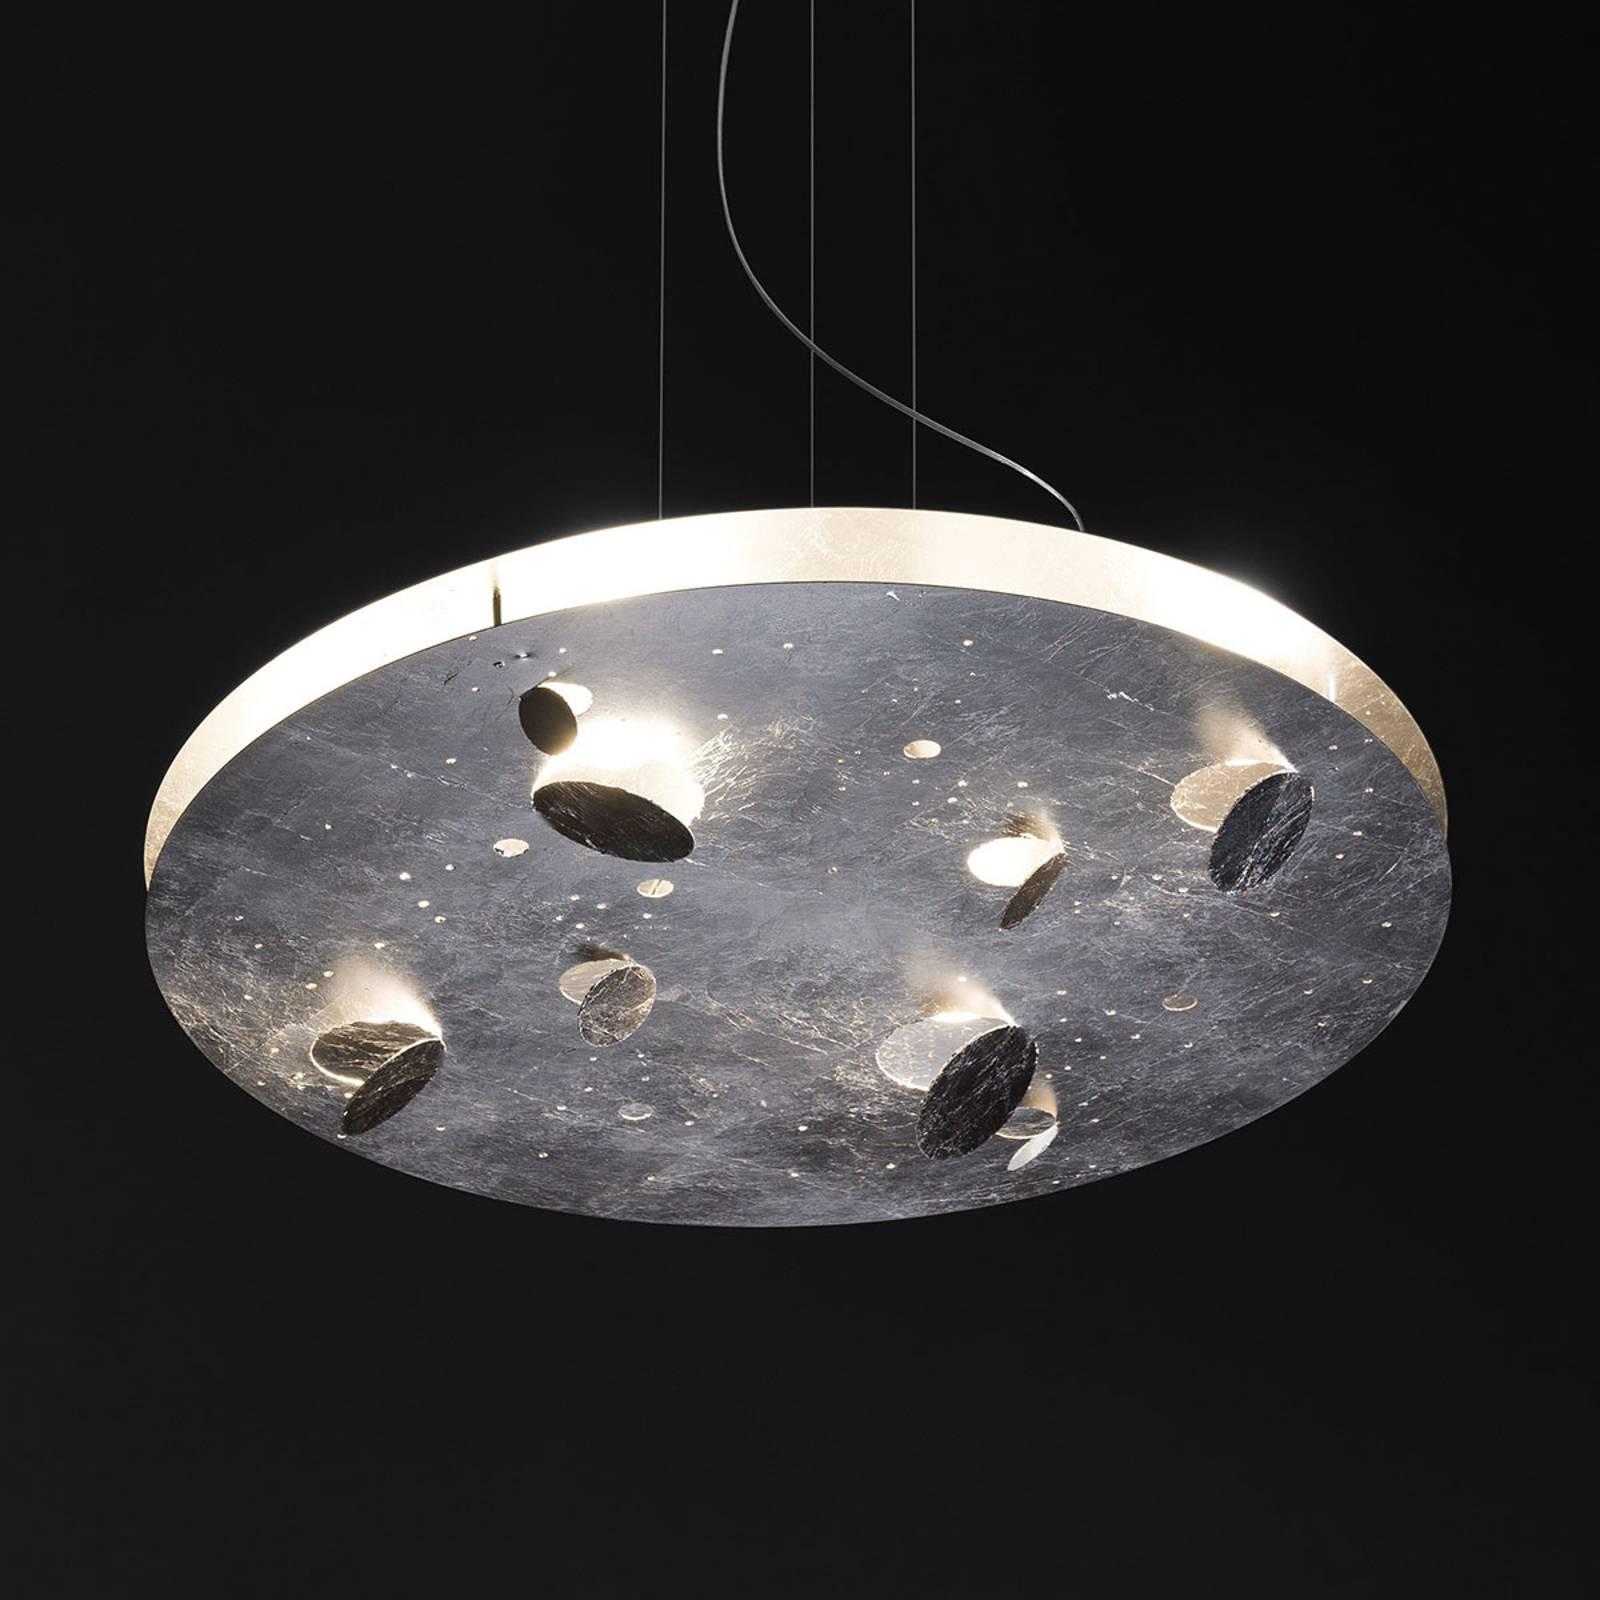 Knikerboker Buchi -LED-riippuvalaisin, pyöreä